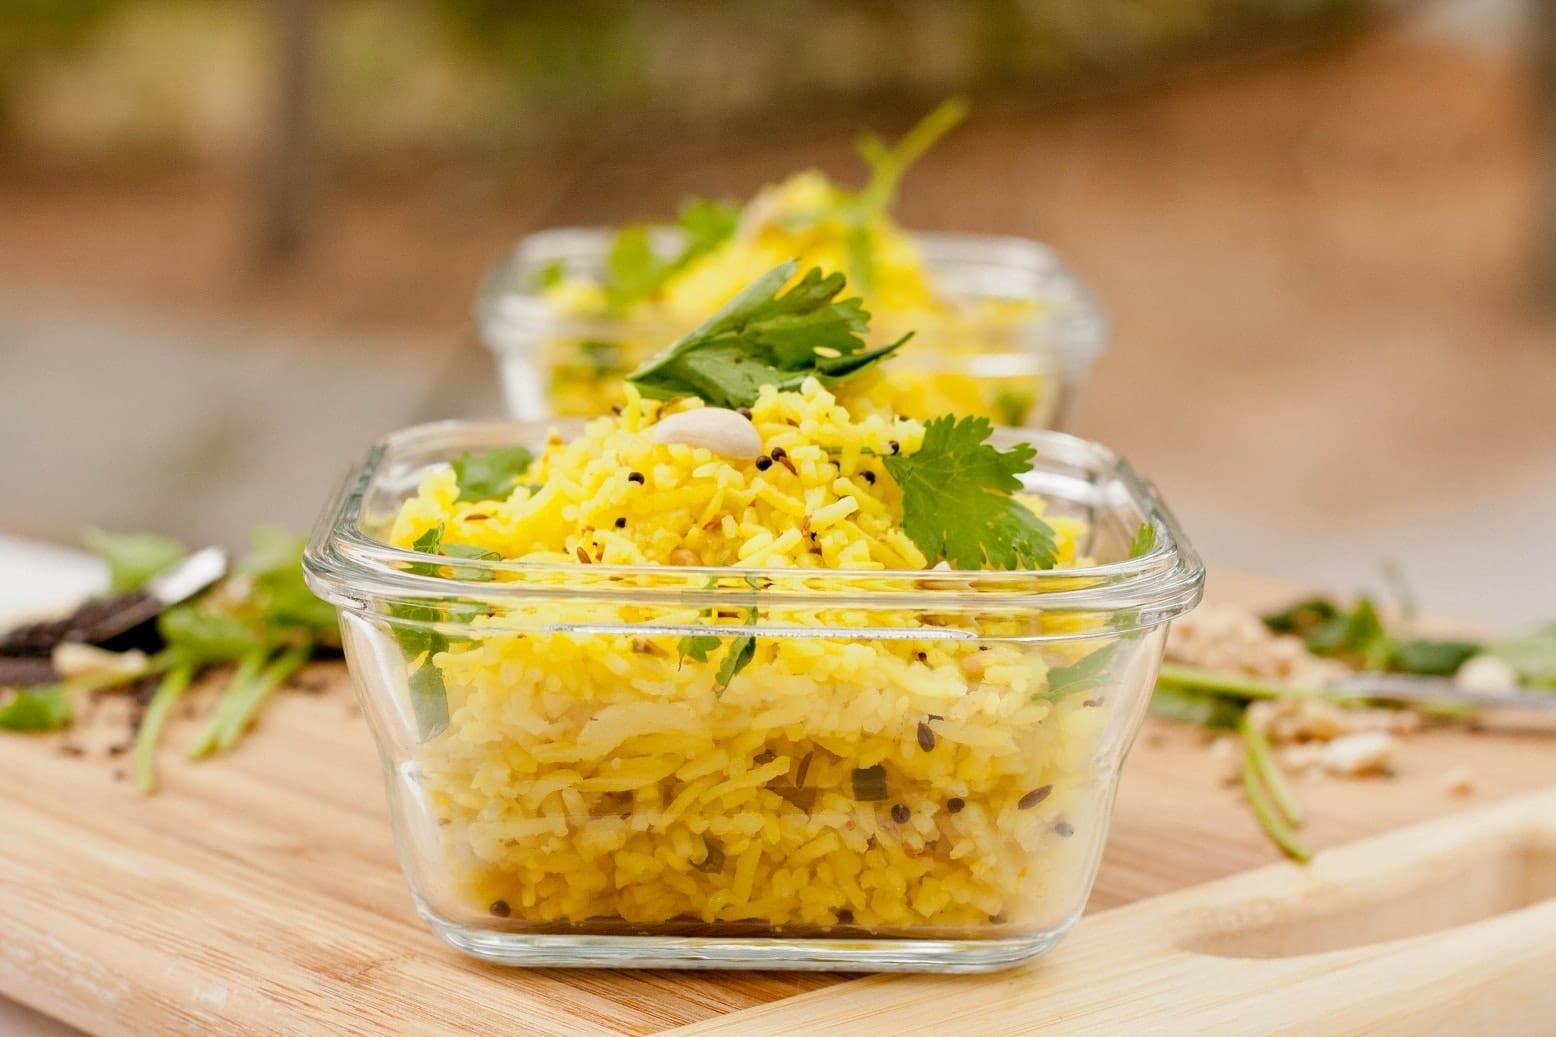 Traditional Indian Lemon Rice Recipe {Gluten-Free, Vegan}